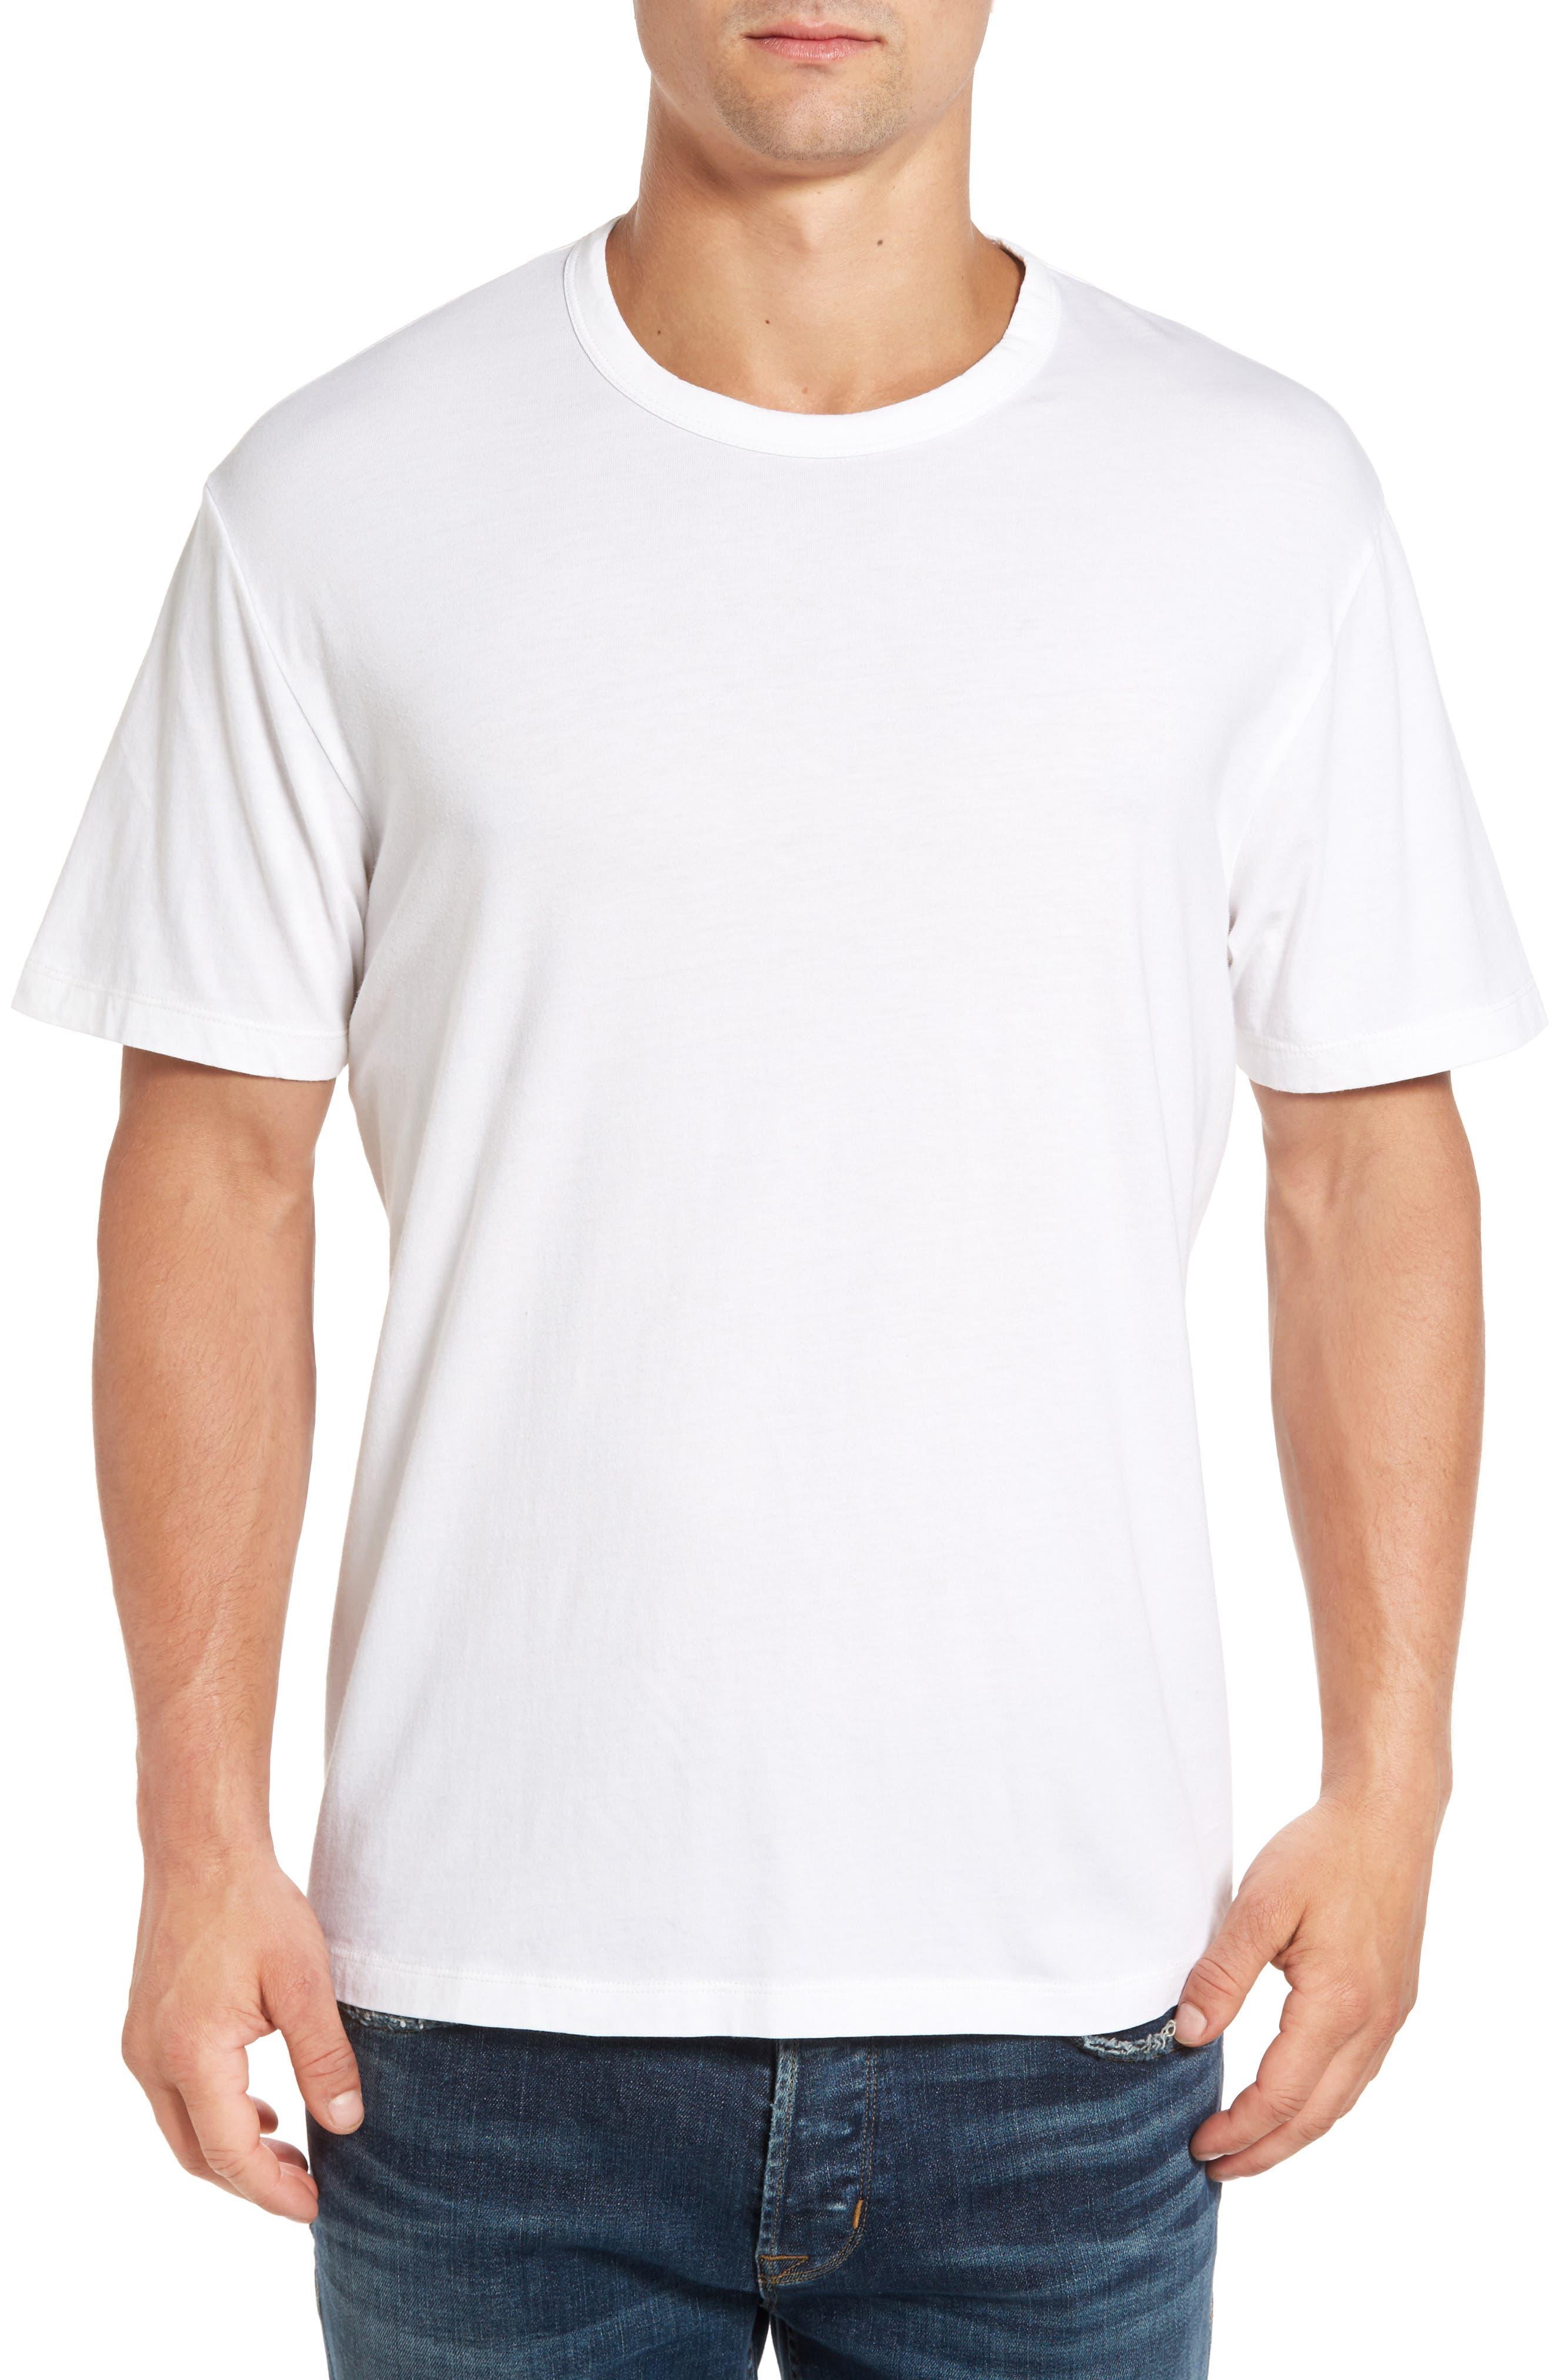 Spinnaker Bay Sports Fit Crewneck T-Shirt,                             Main thumbnail 1, color,